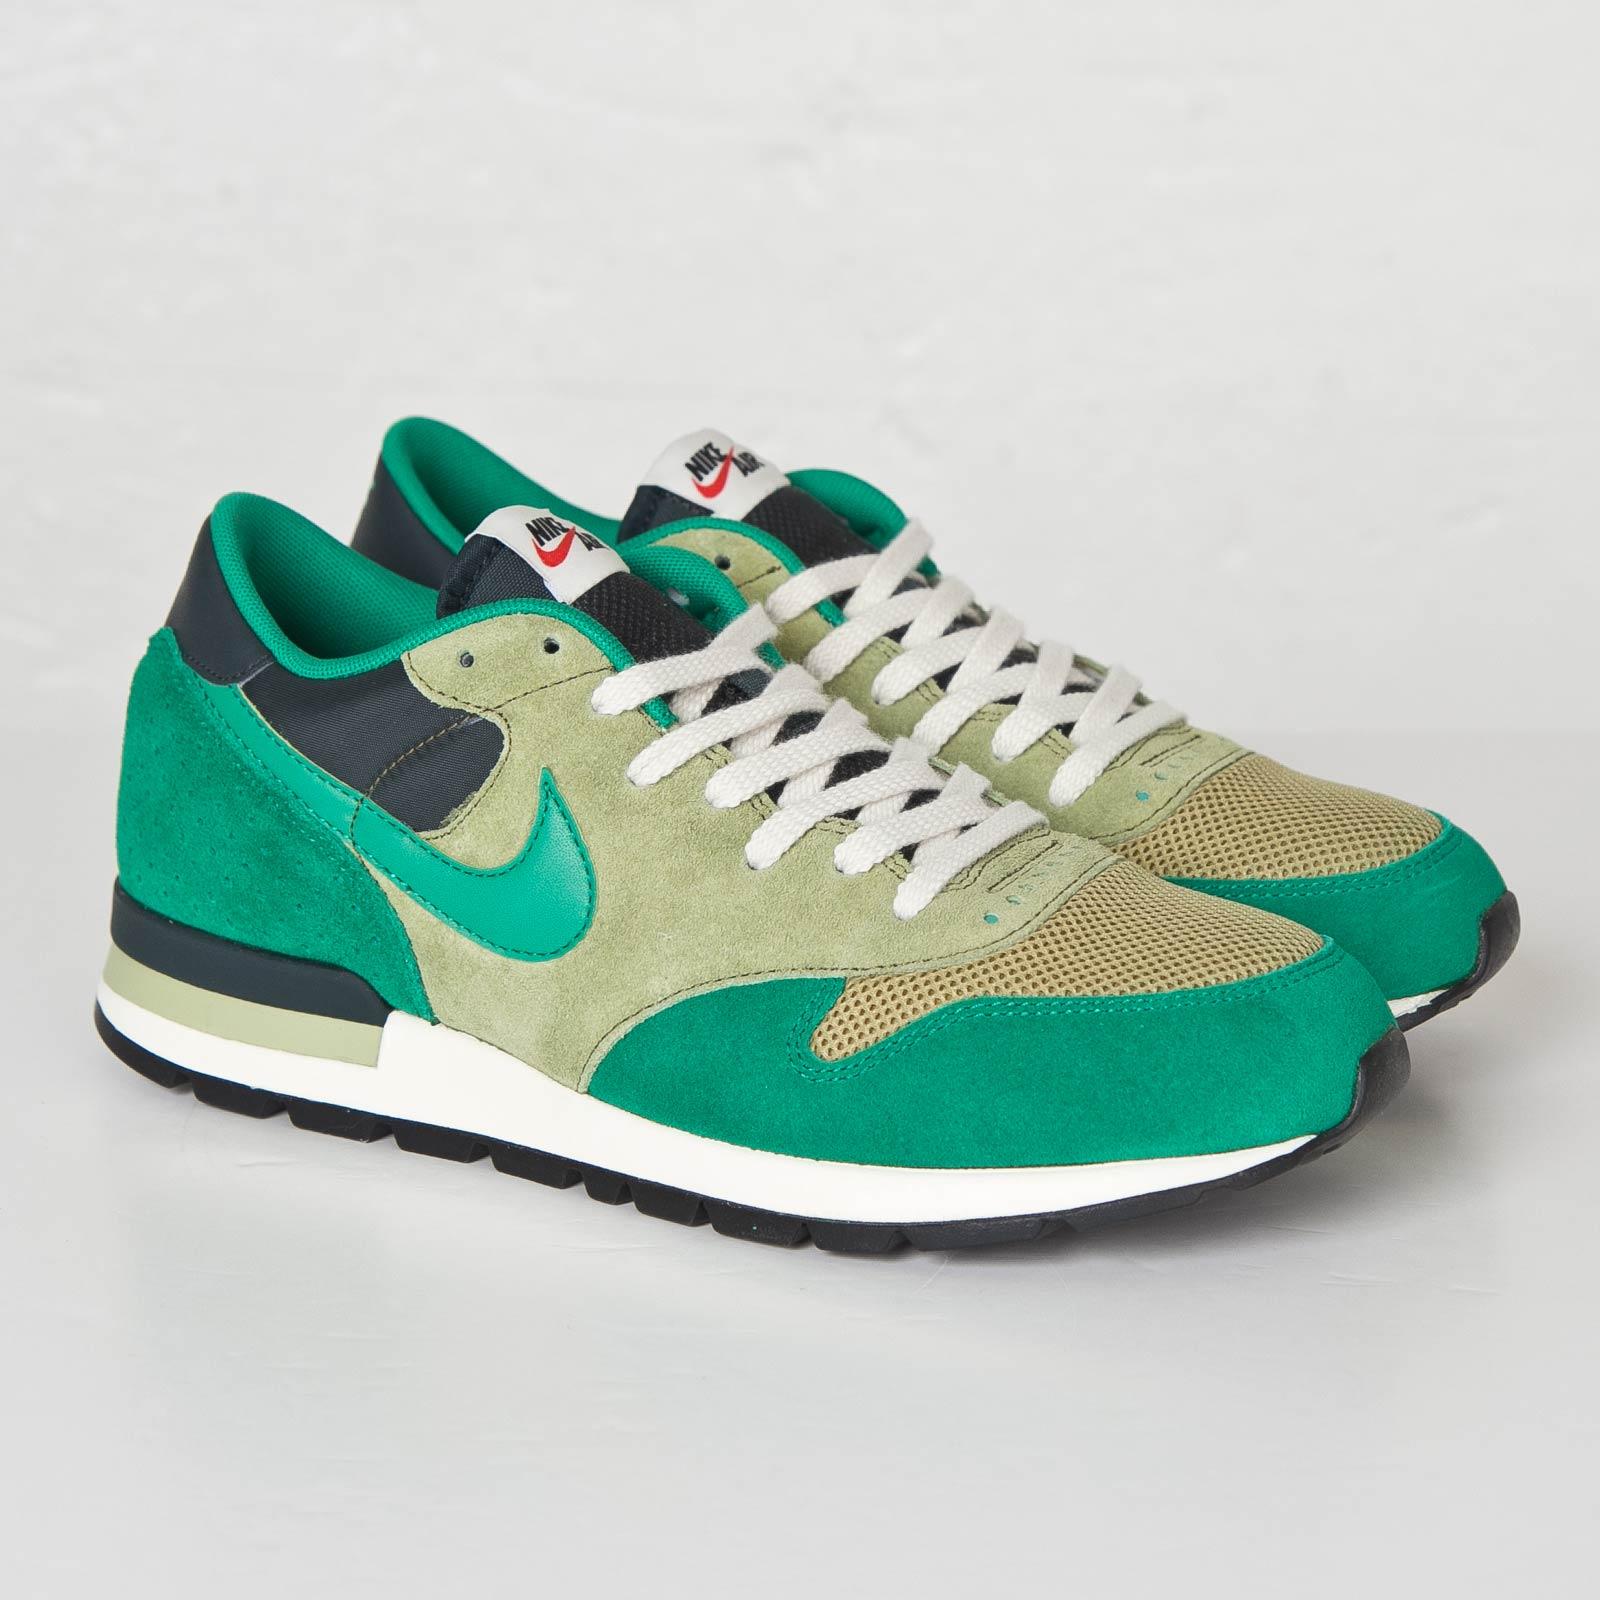 magasin en ligne 77f5d e8b4d Nike Air Epic QS - 810171-300 - Sneakersnstuff | sneakers ...